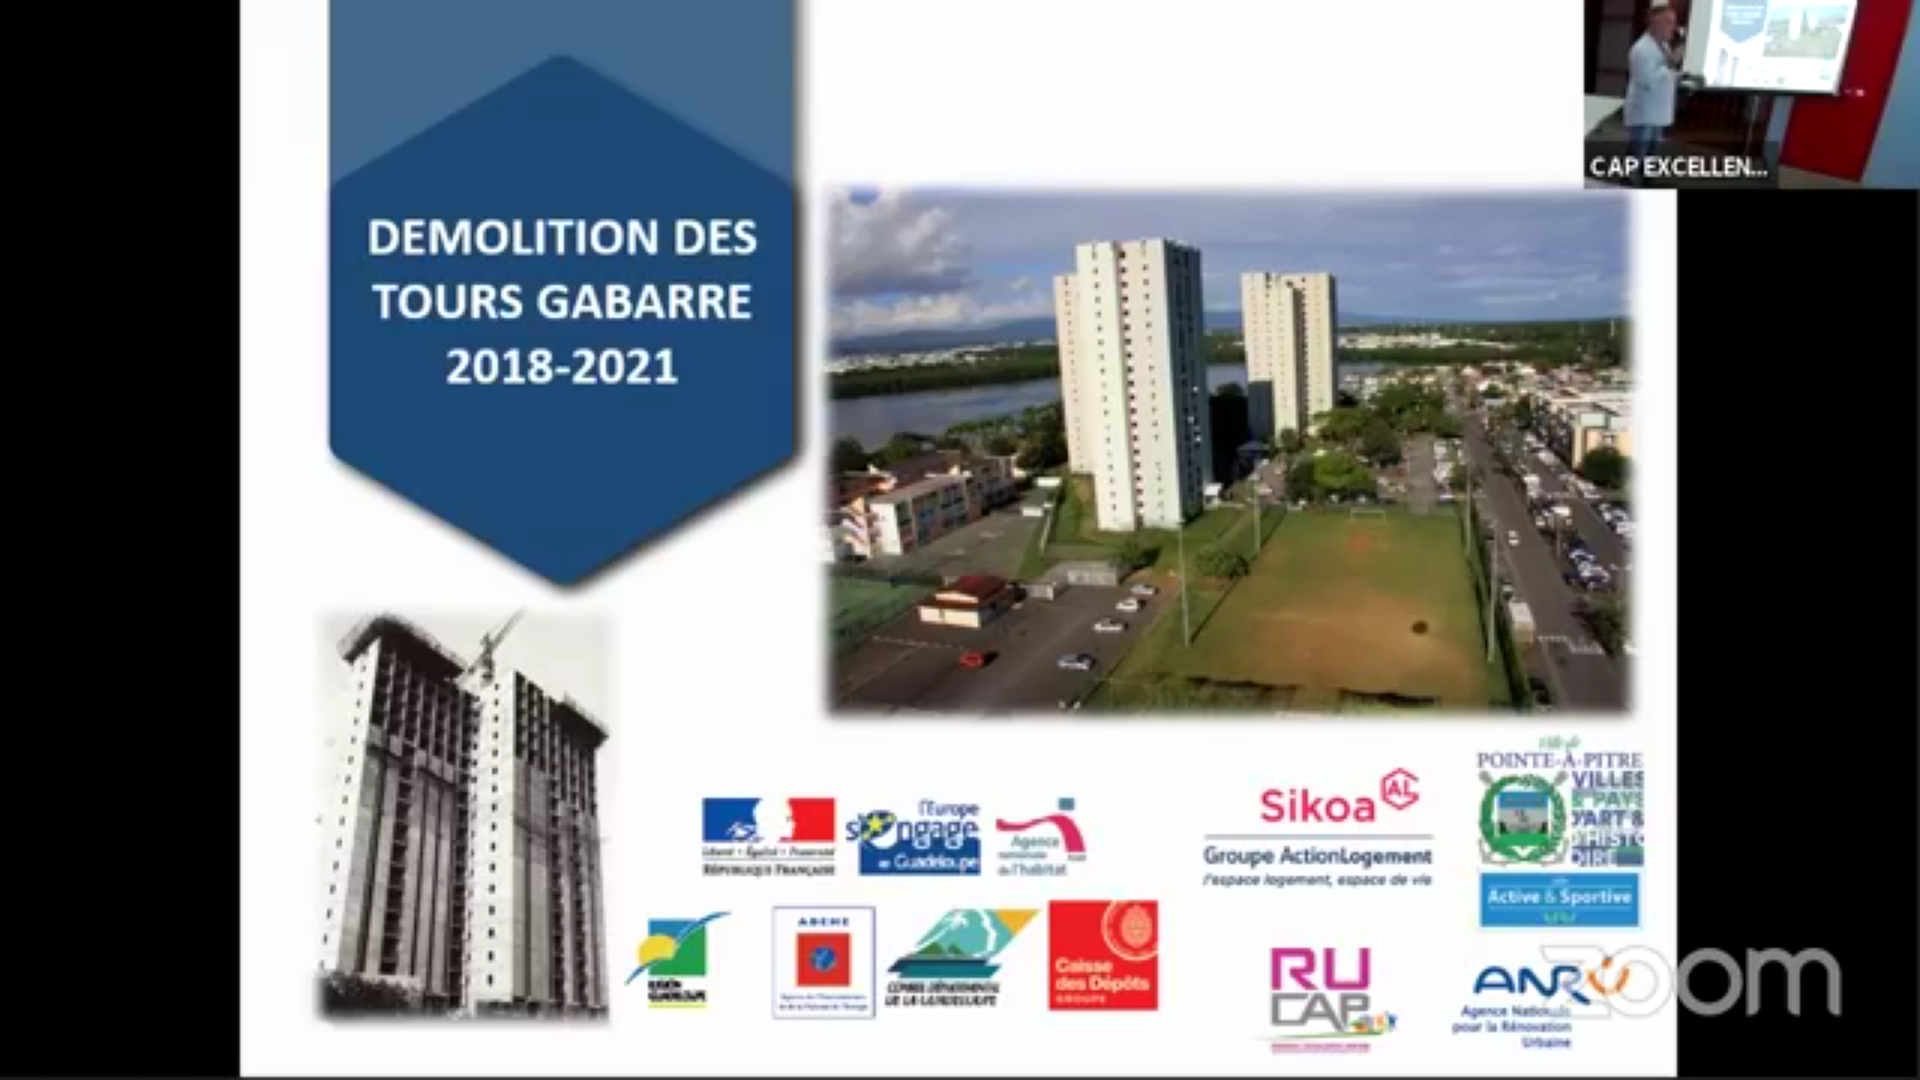 [Vidéo] Onews Guadeloupe. Réunion d'information sur la démolition des tours Gabarre